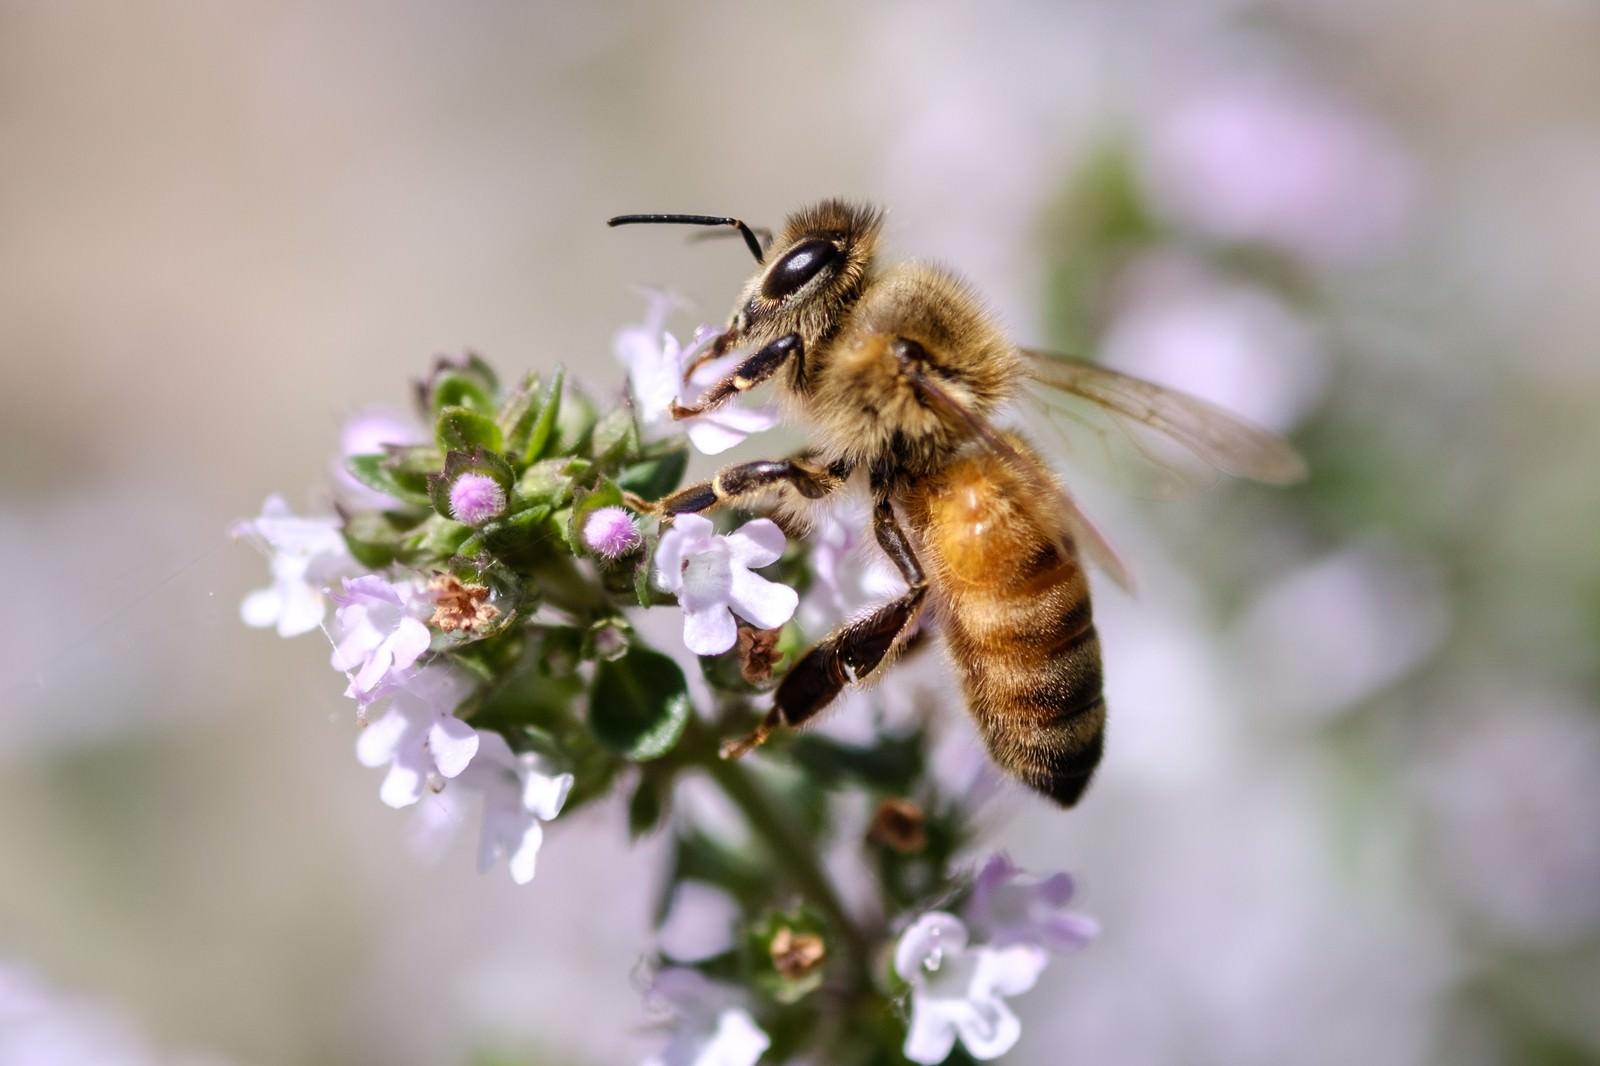 「ハーブから吸蜜する働き蜂ハーブから吸蜜する働き蜂」のフリー写真素材を拡大